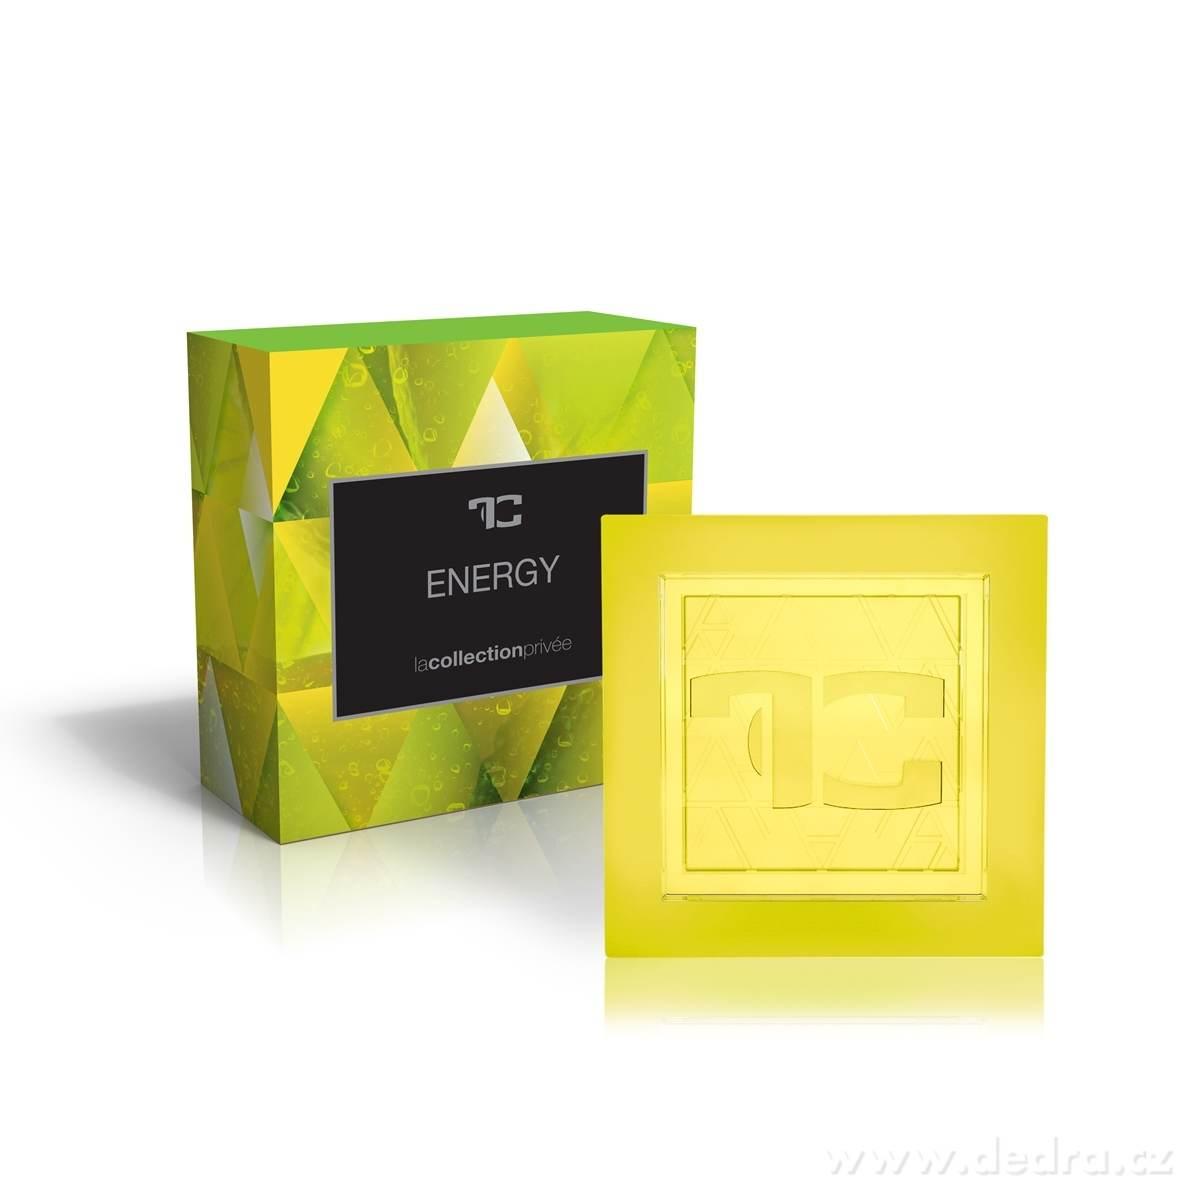 Dedra Přírodní glycerinové mýdlo Energy la collection privée 90 g